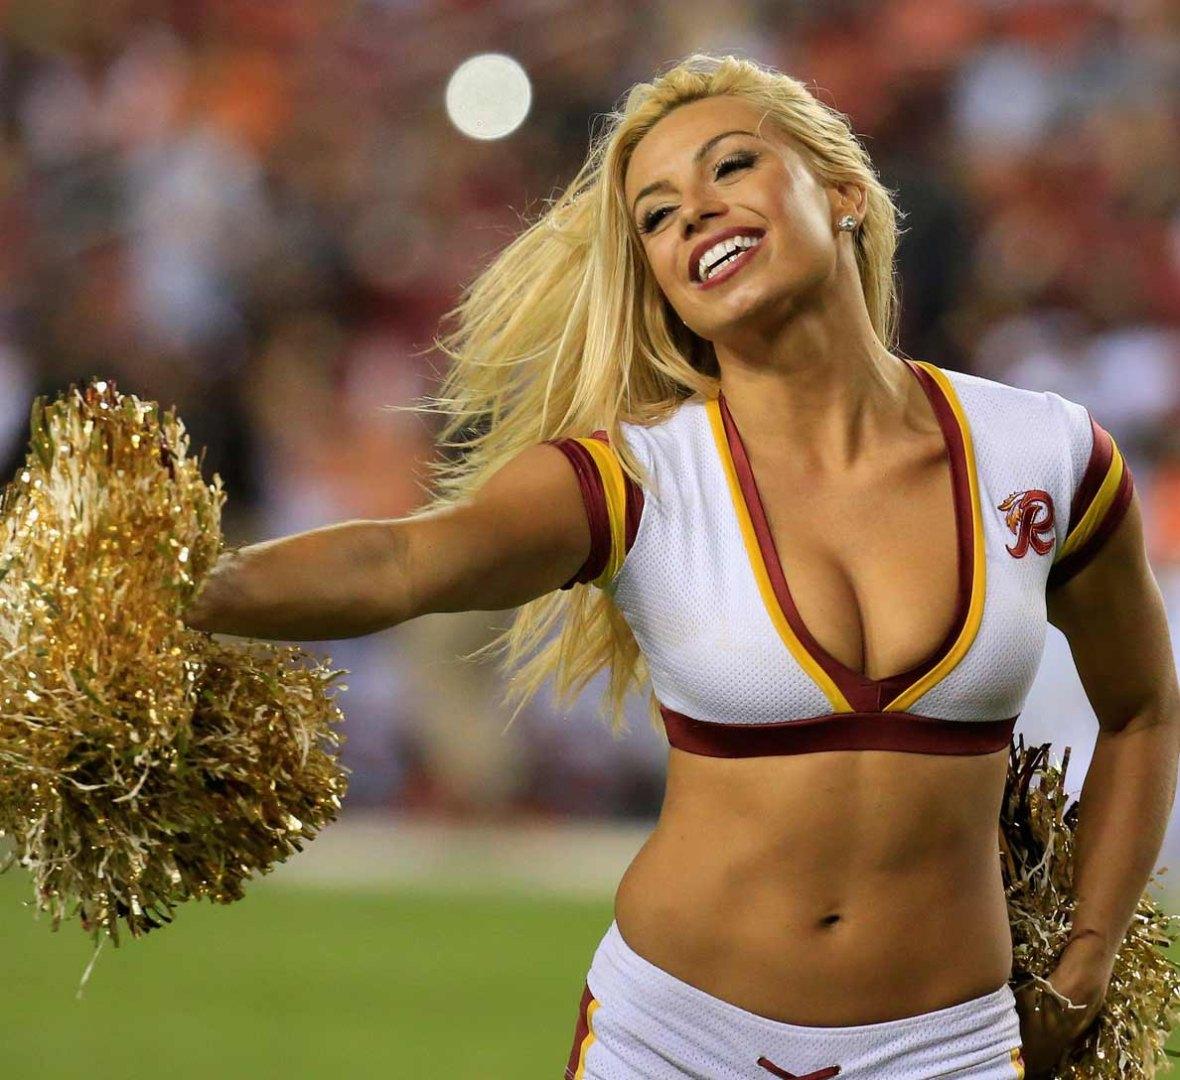 Sexy nfl cheerleaders pictures